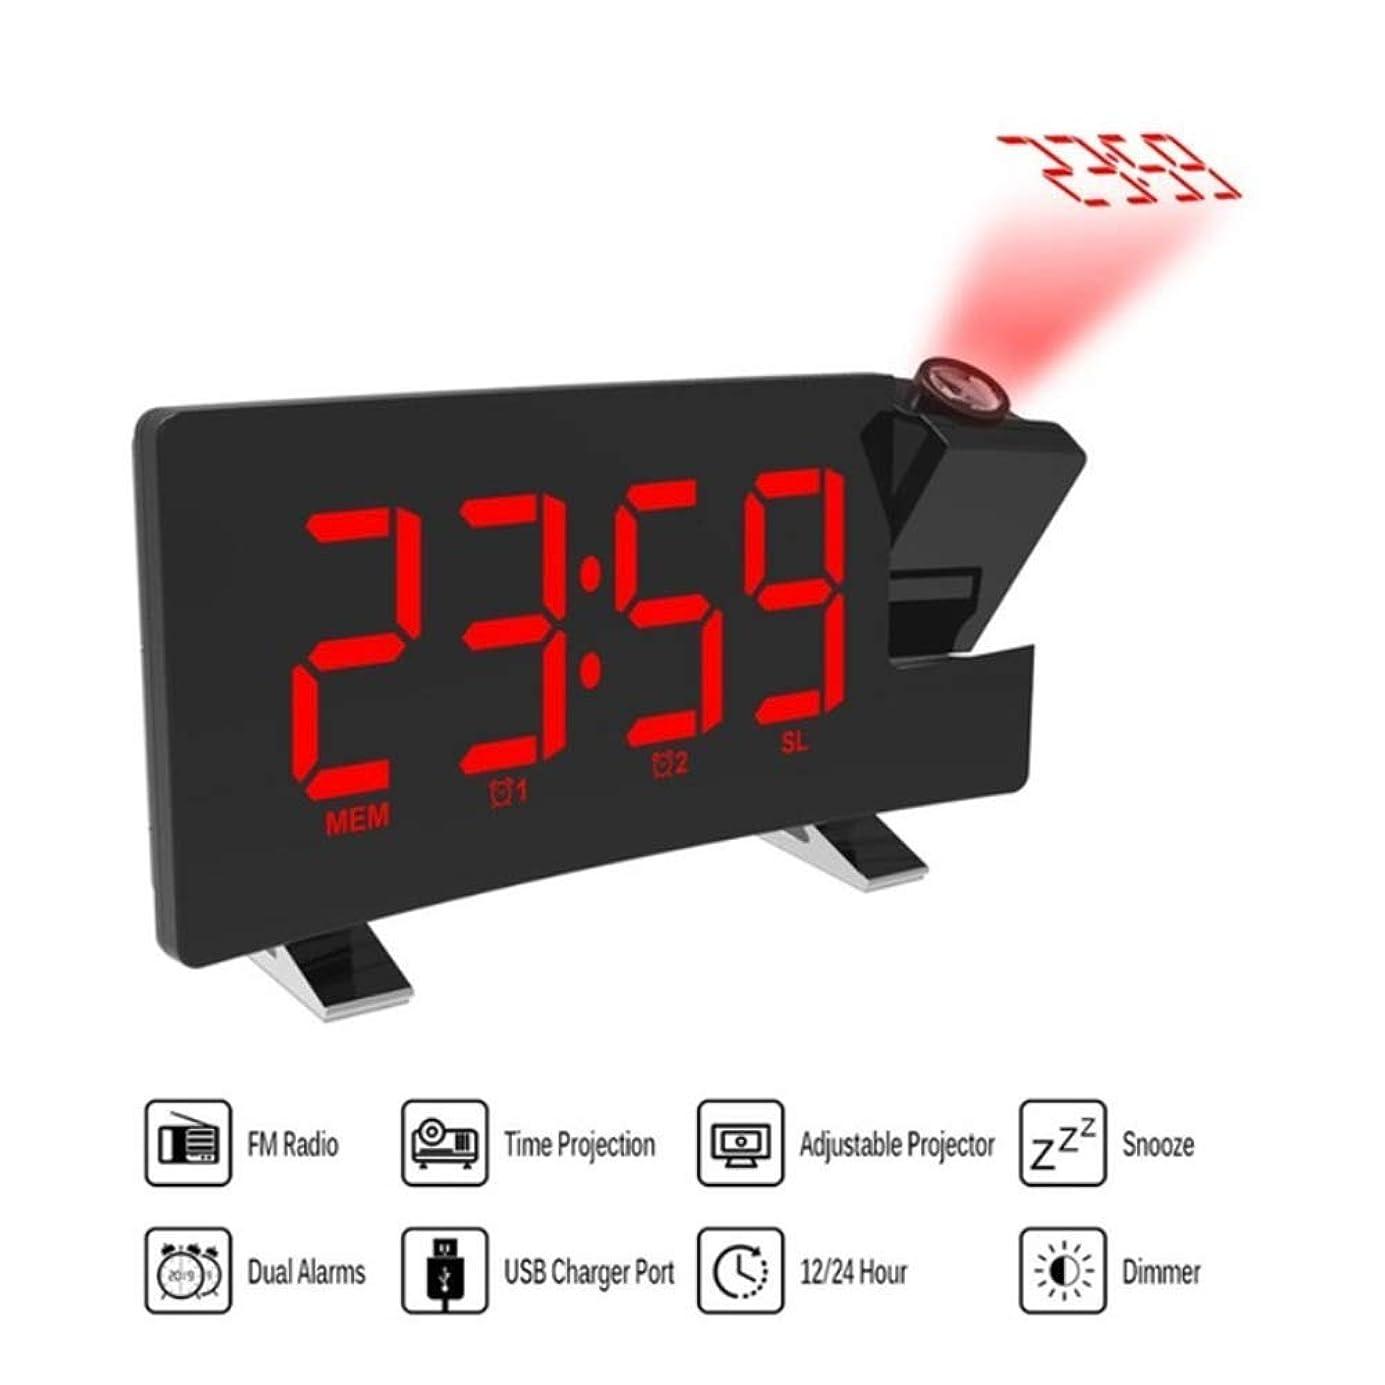 慣れている情熱ホバートデジタル投影時計プロジェクターラジオ目覚まし時計スヌーズタイマーLEDディスプレイワイドカーブスクリーンUSB充電180度テーブル壁FMラジオクロック,赤